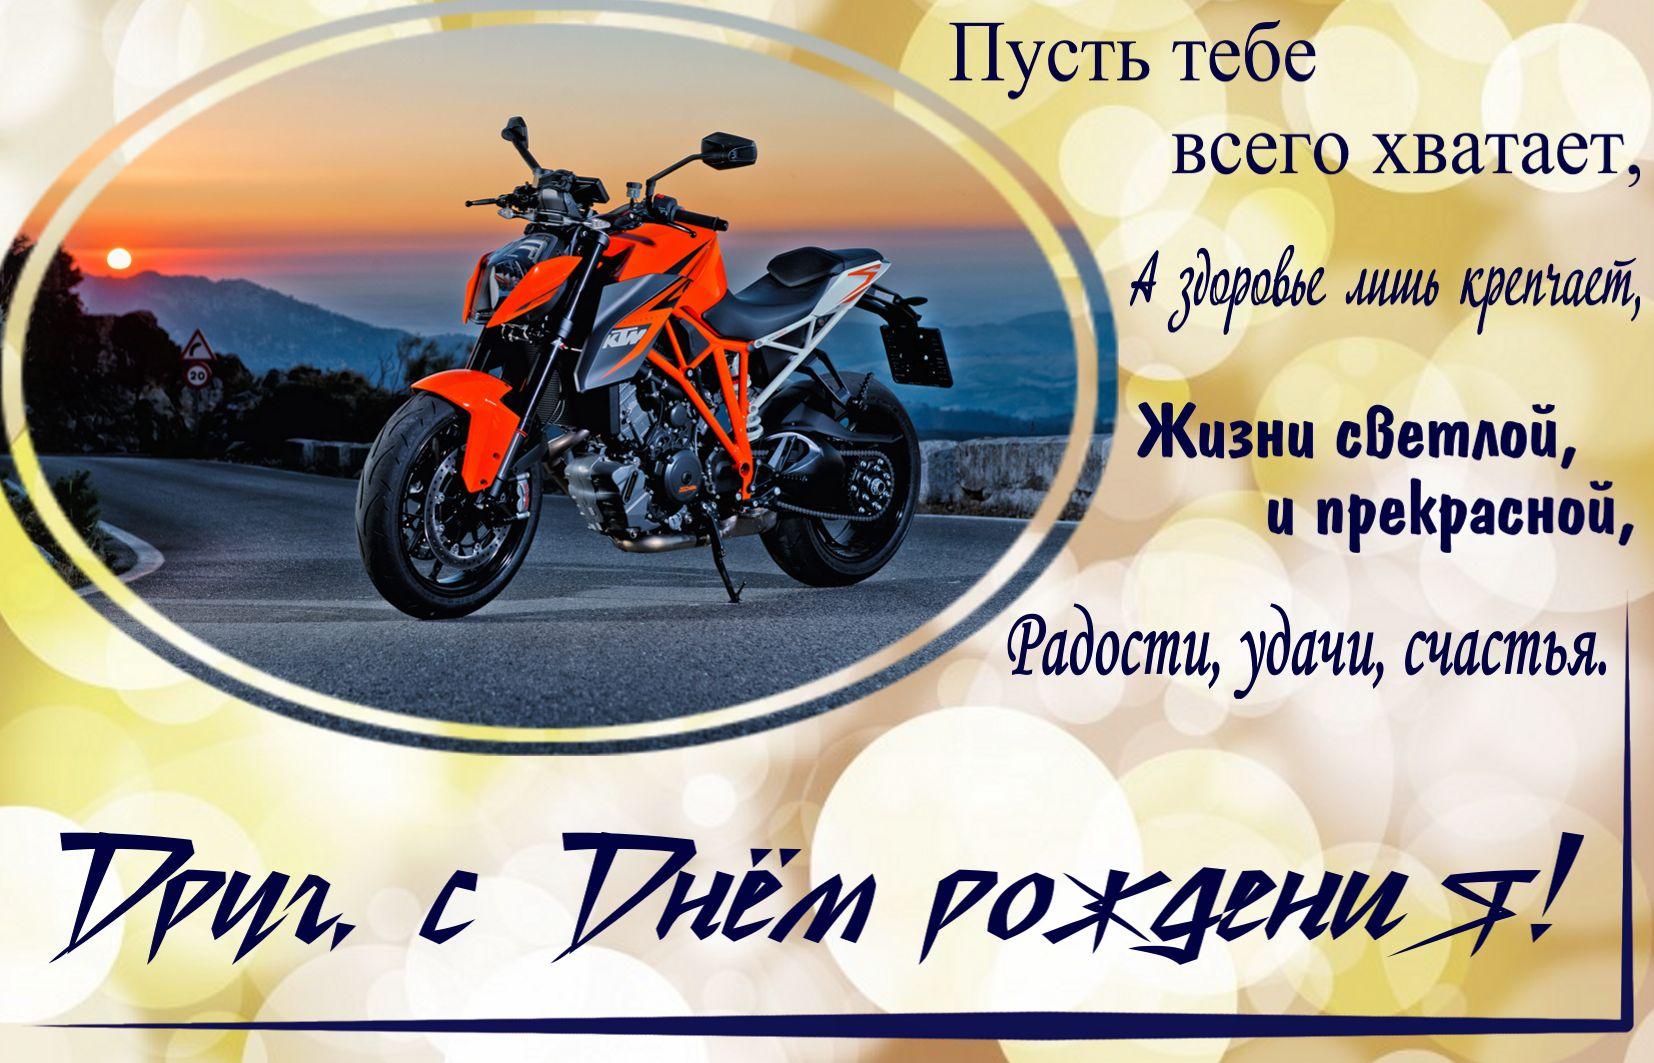 Издательство, открытка с днем рождения с мотоциклом